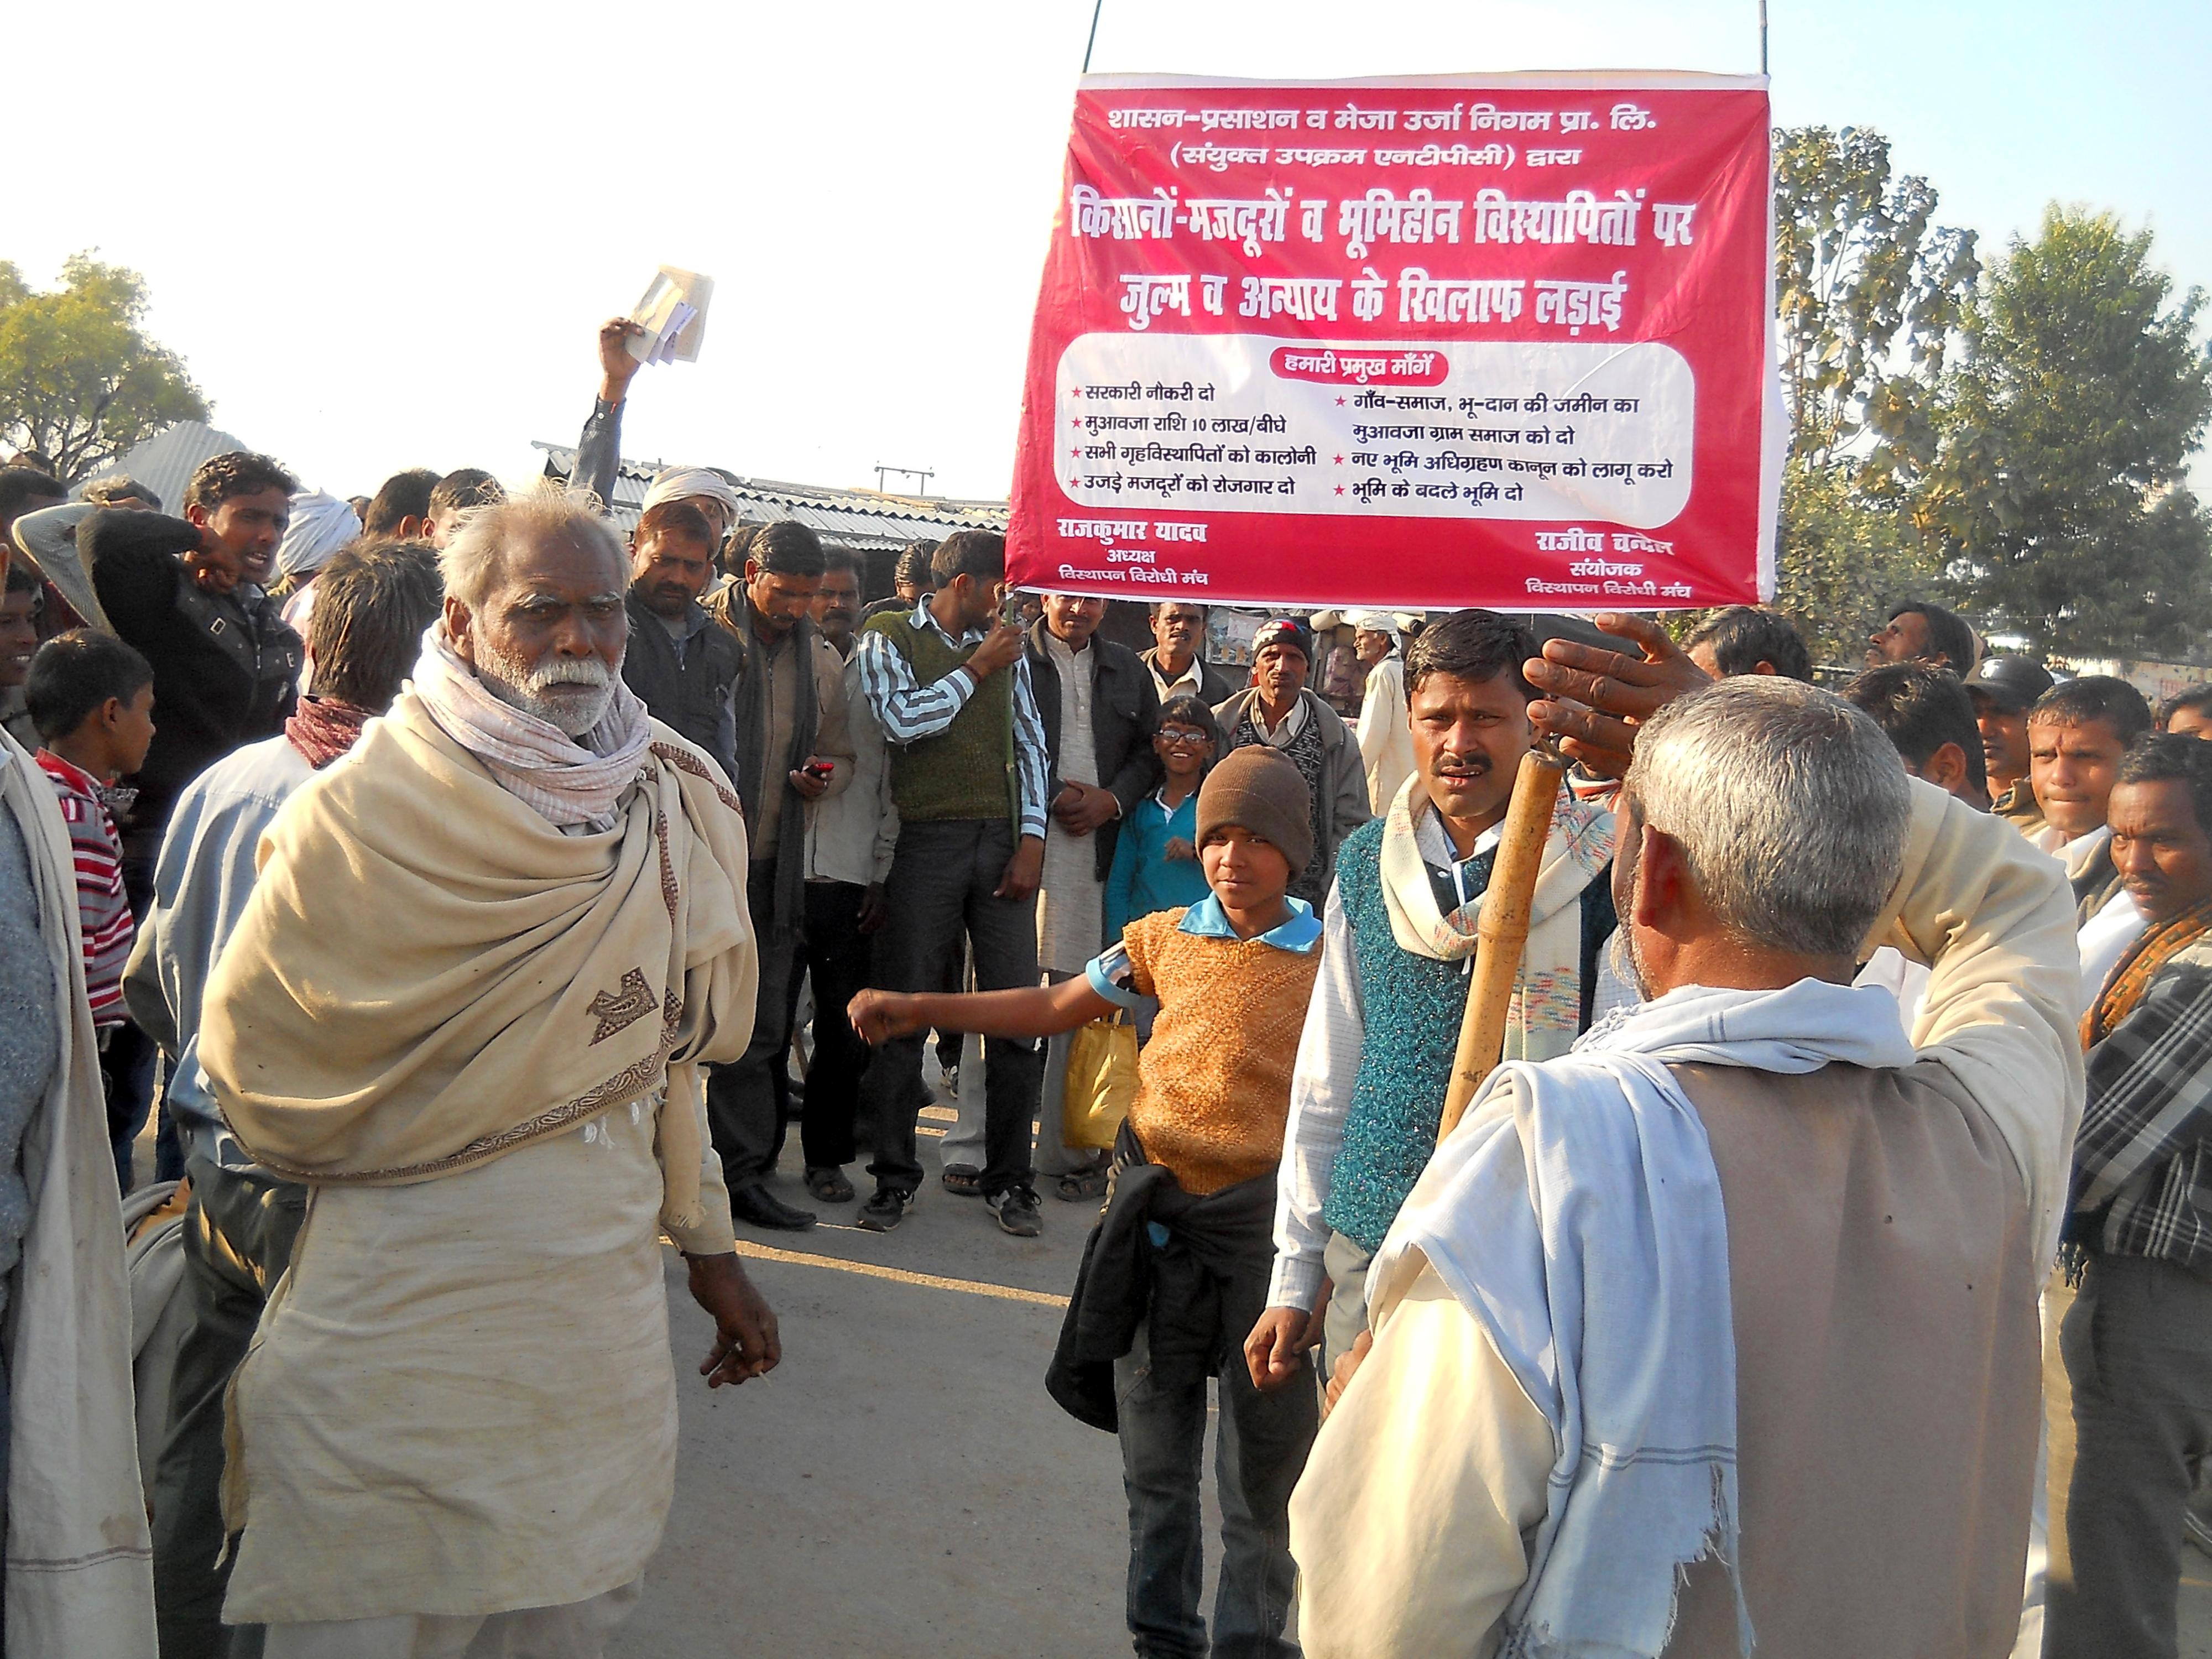 किसानों का विस्थापन विरोधी मार्च रैली